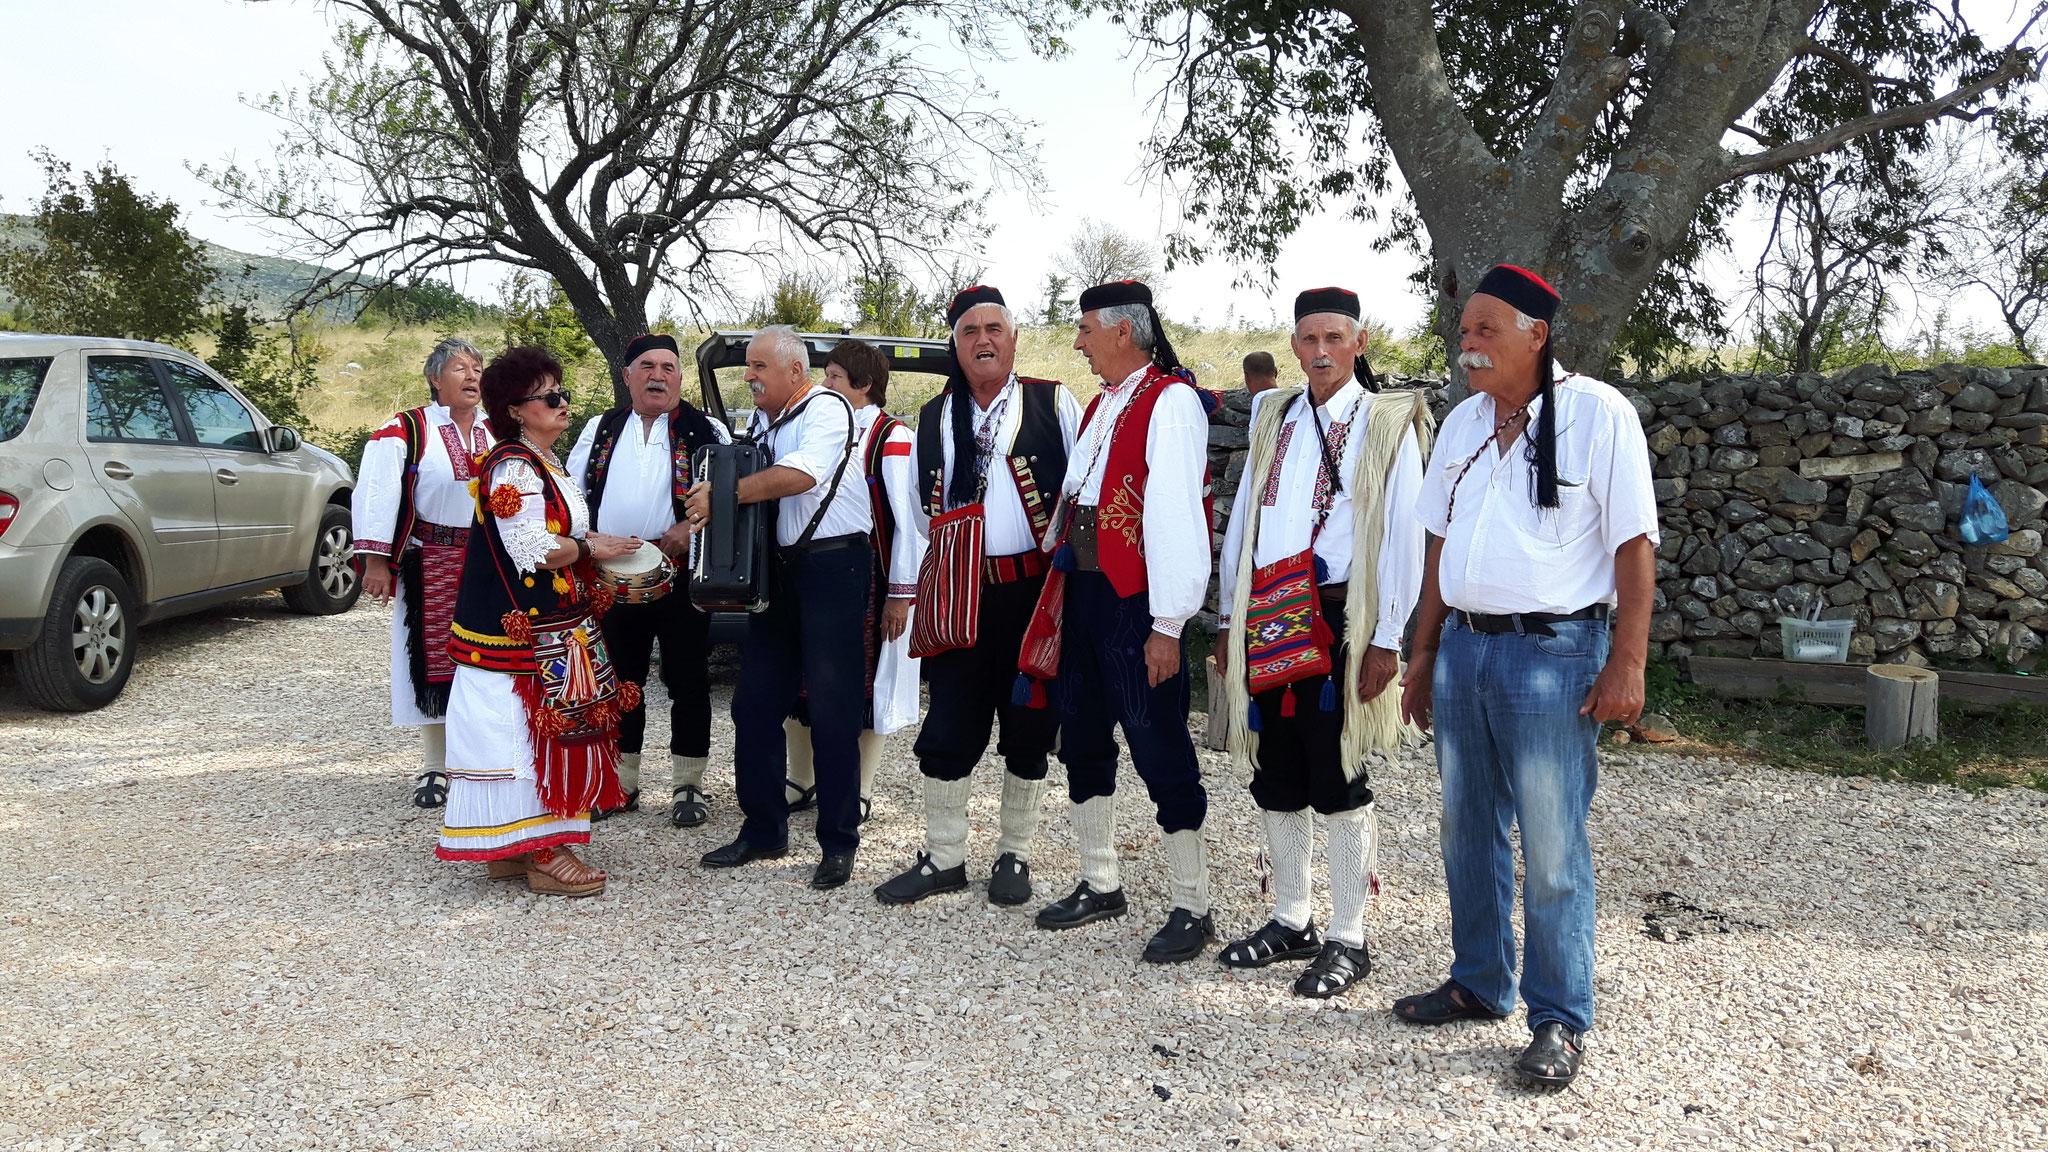 Musikalischer Empfang im Dorf Zezelj